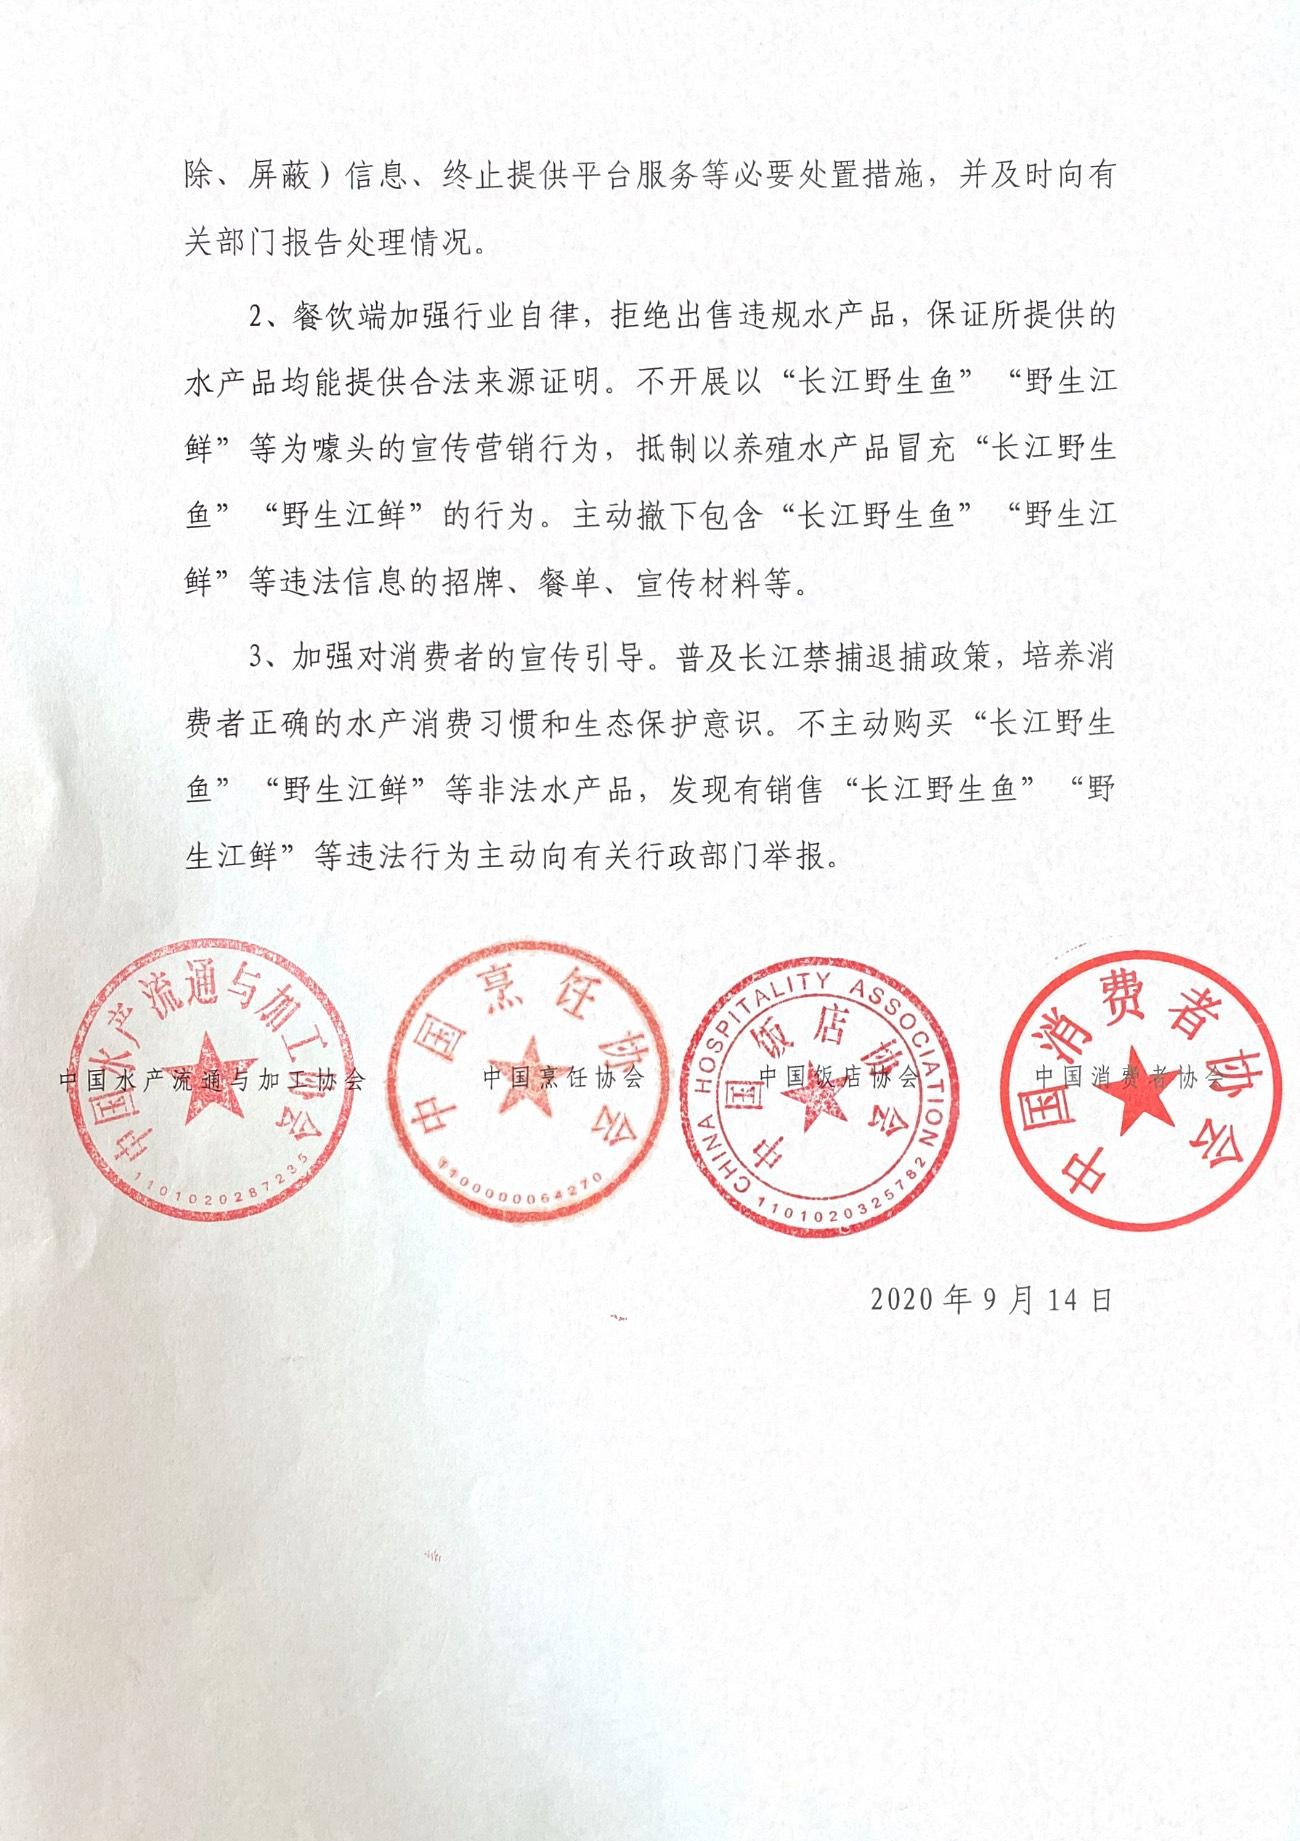 关于响应长江禁捕、拒绝违规水产品的倡议书_页面_3.jpg